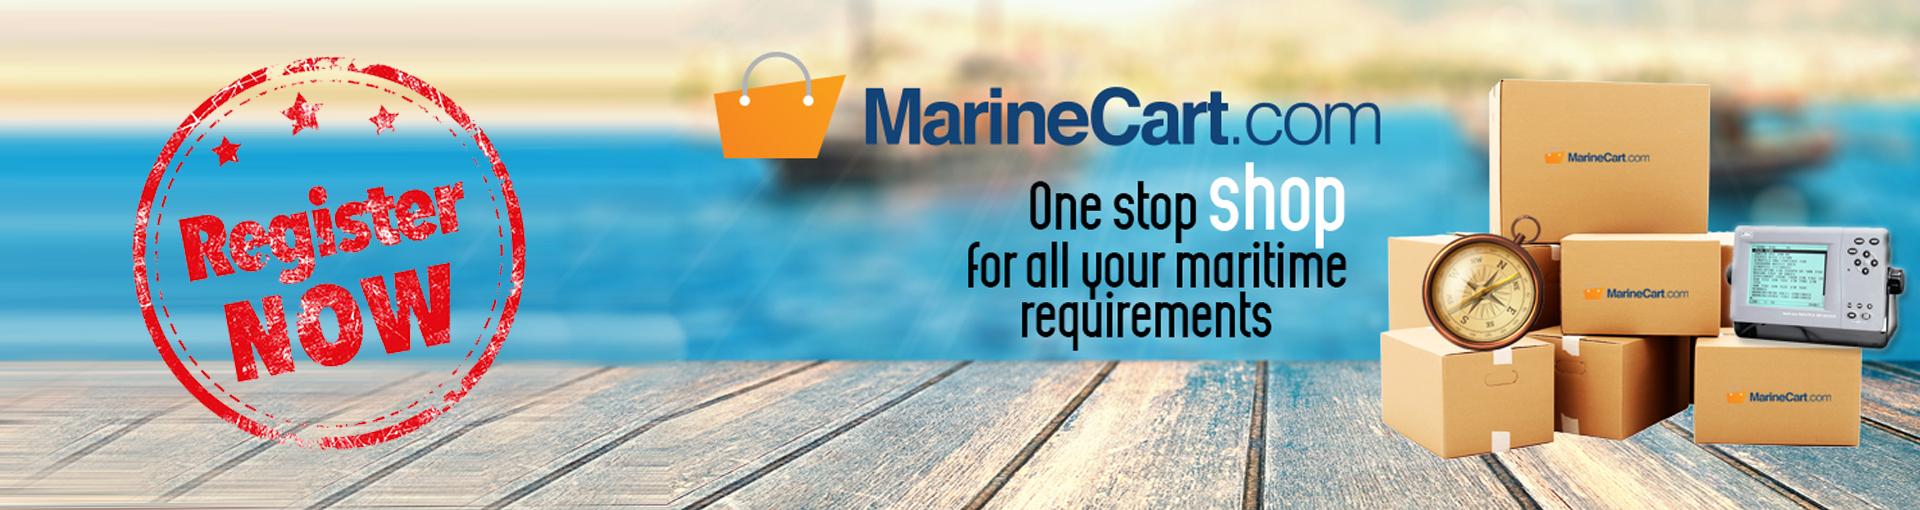 Marinecart